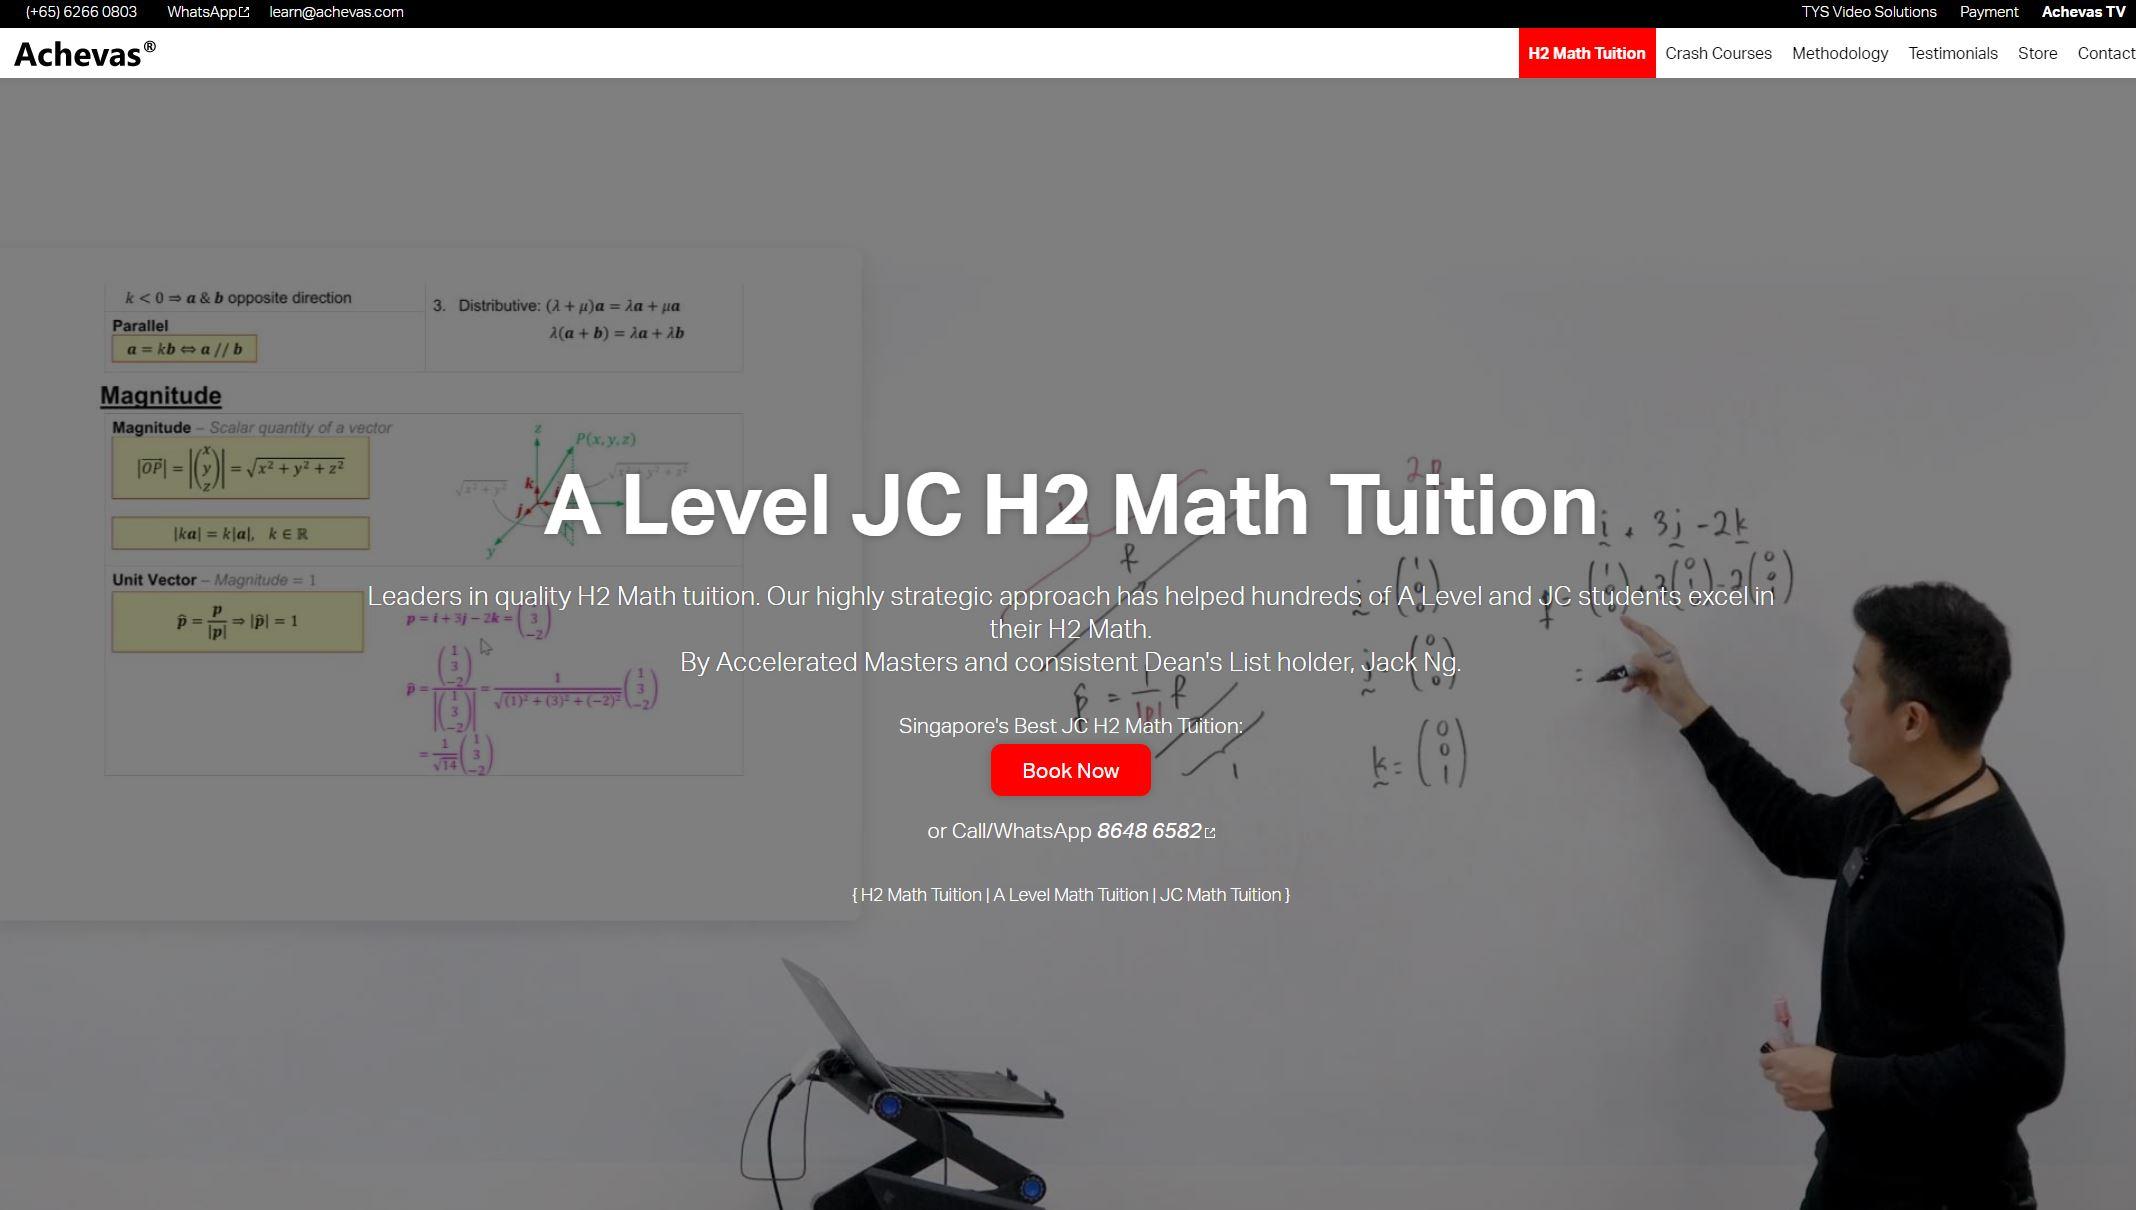 Achevas JC Tuition